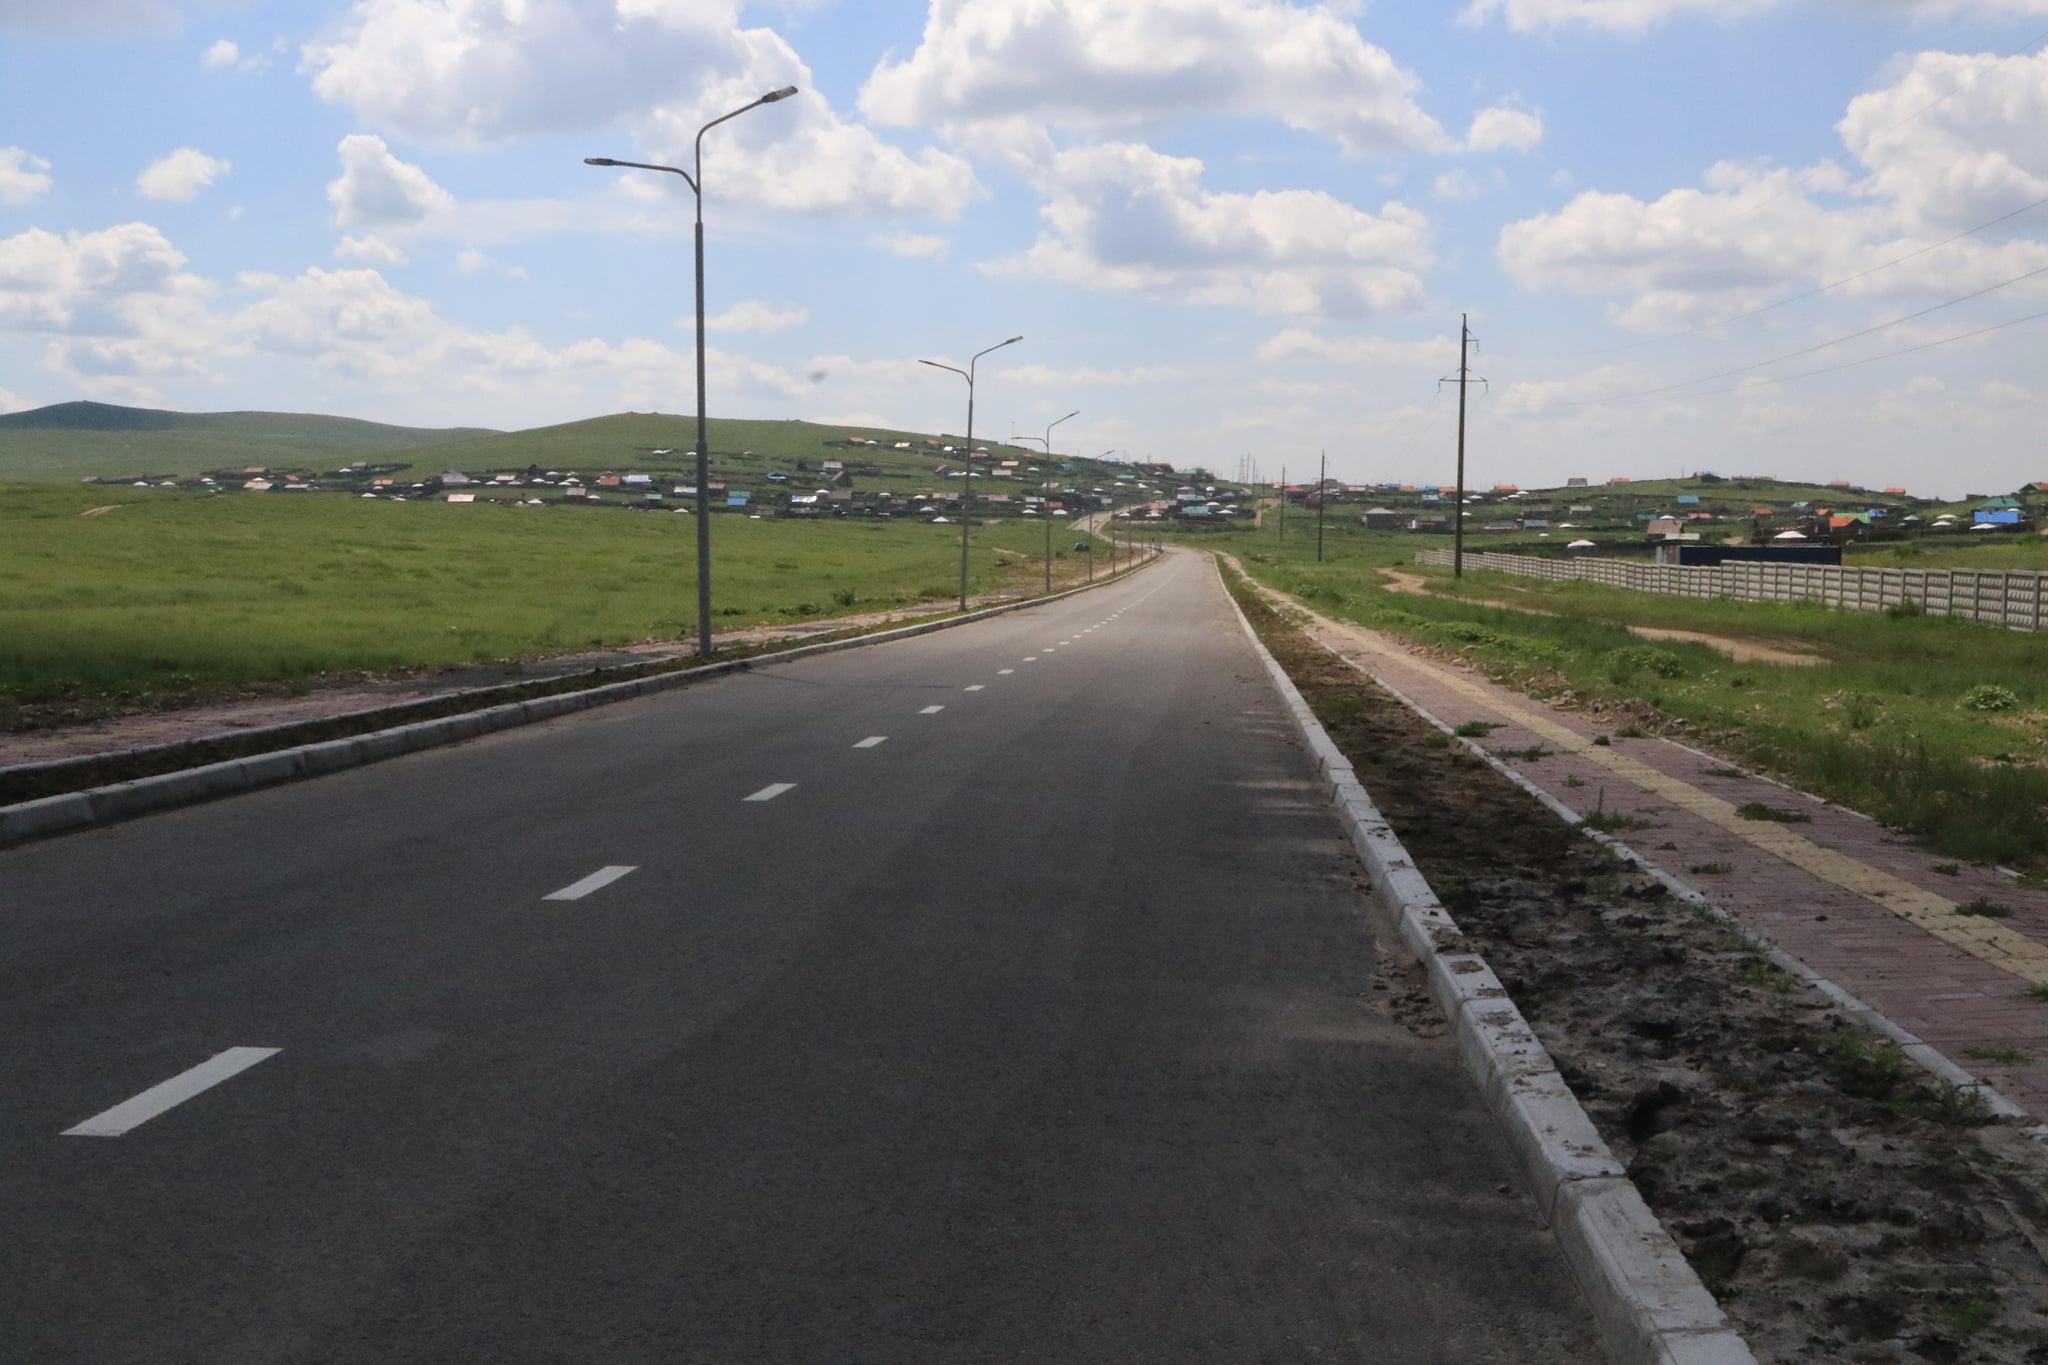 Дархан сумын 6, 7 дугаар багт баригдсан 2.079 км урт хатуу хучилттай авто замын хажуугийн гэрэлтүүлгийн ажил 80 хувьтай байна